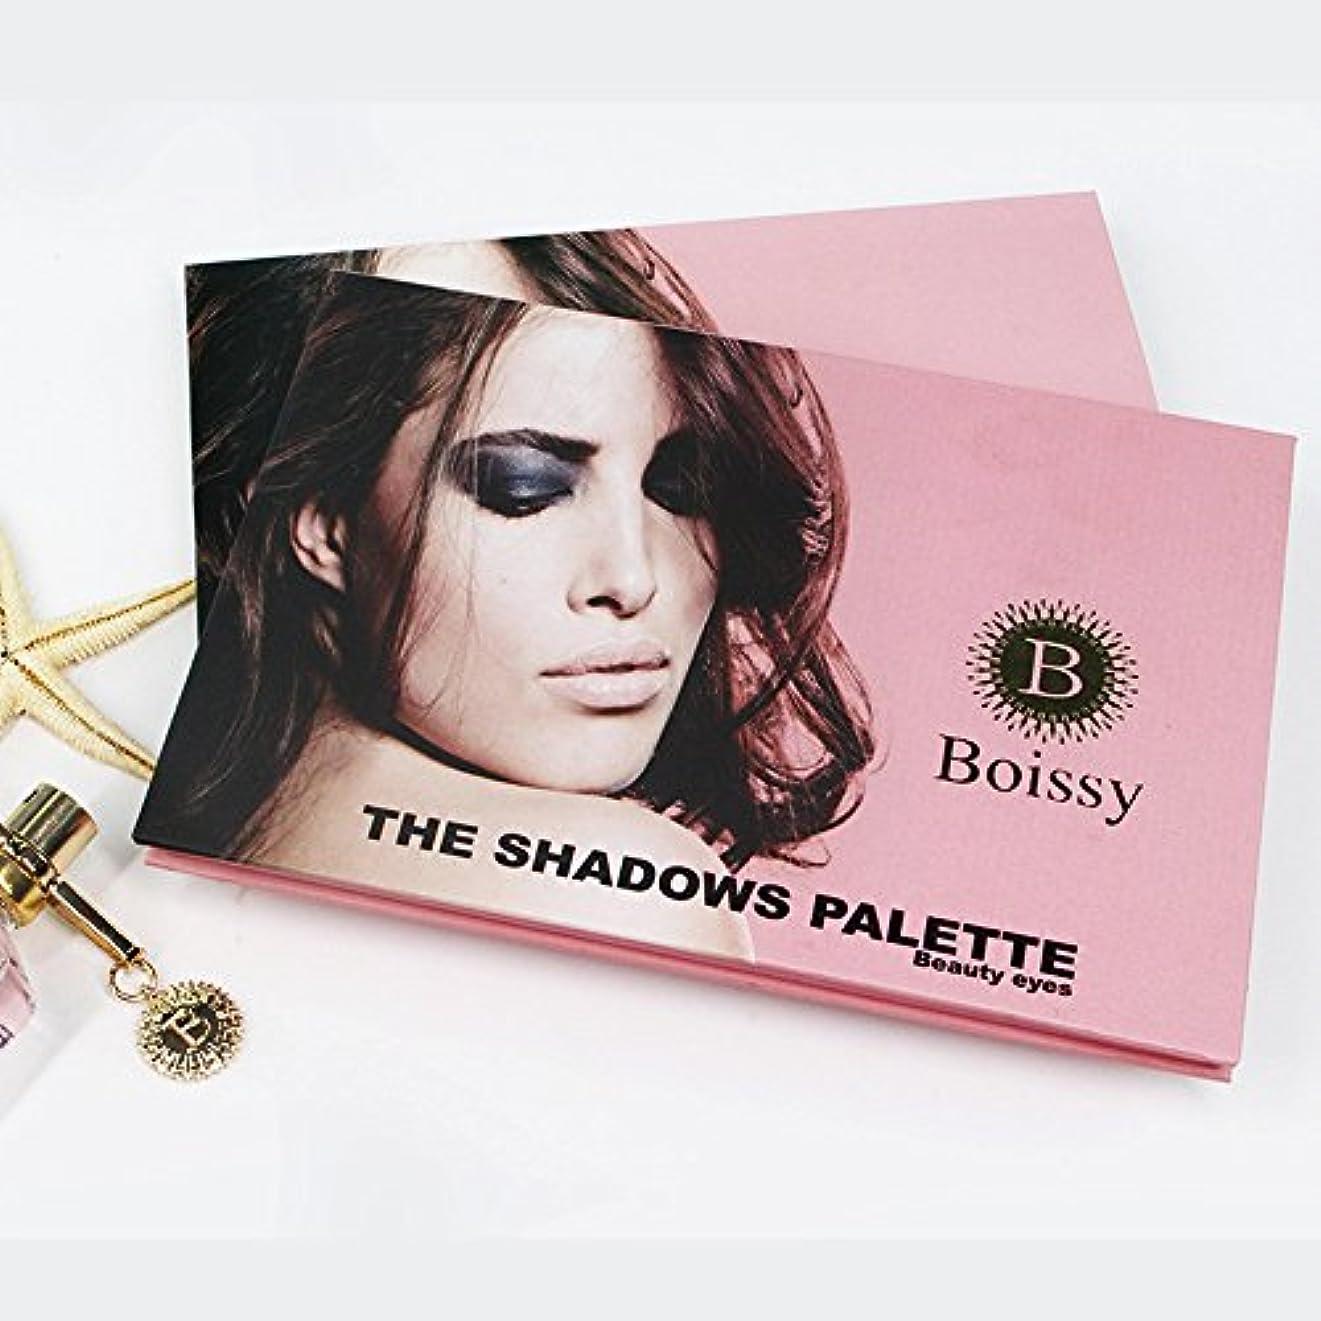 独裁者元気インフルエンザAkane アイシャドウパレット BOISSY ファッション 可愛い 魅力的 キラキラ 人気 ピンク 綺麗 長持ち おしゃれ 防水 チャーム 日常 持ち便利 Eye Shadow (24色)